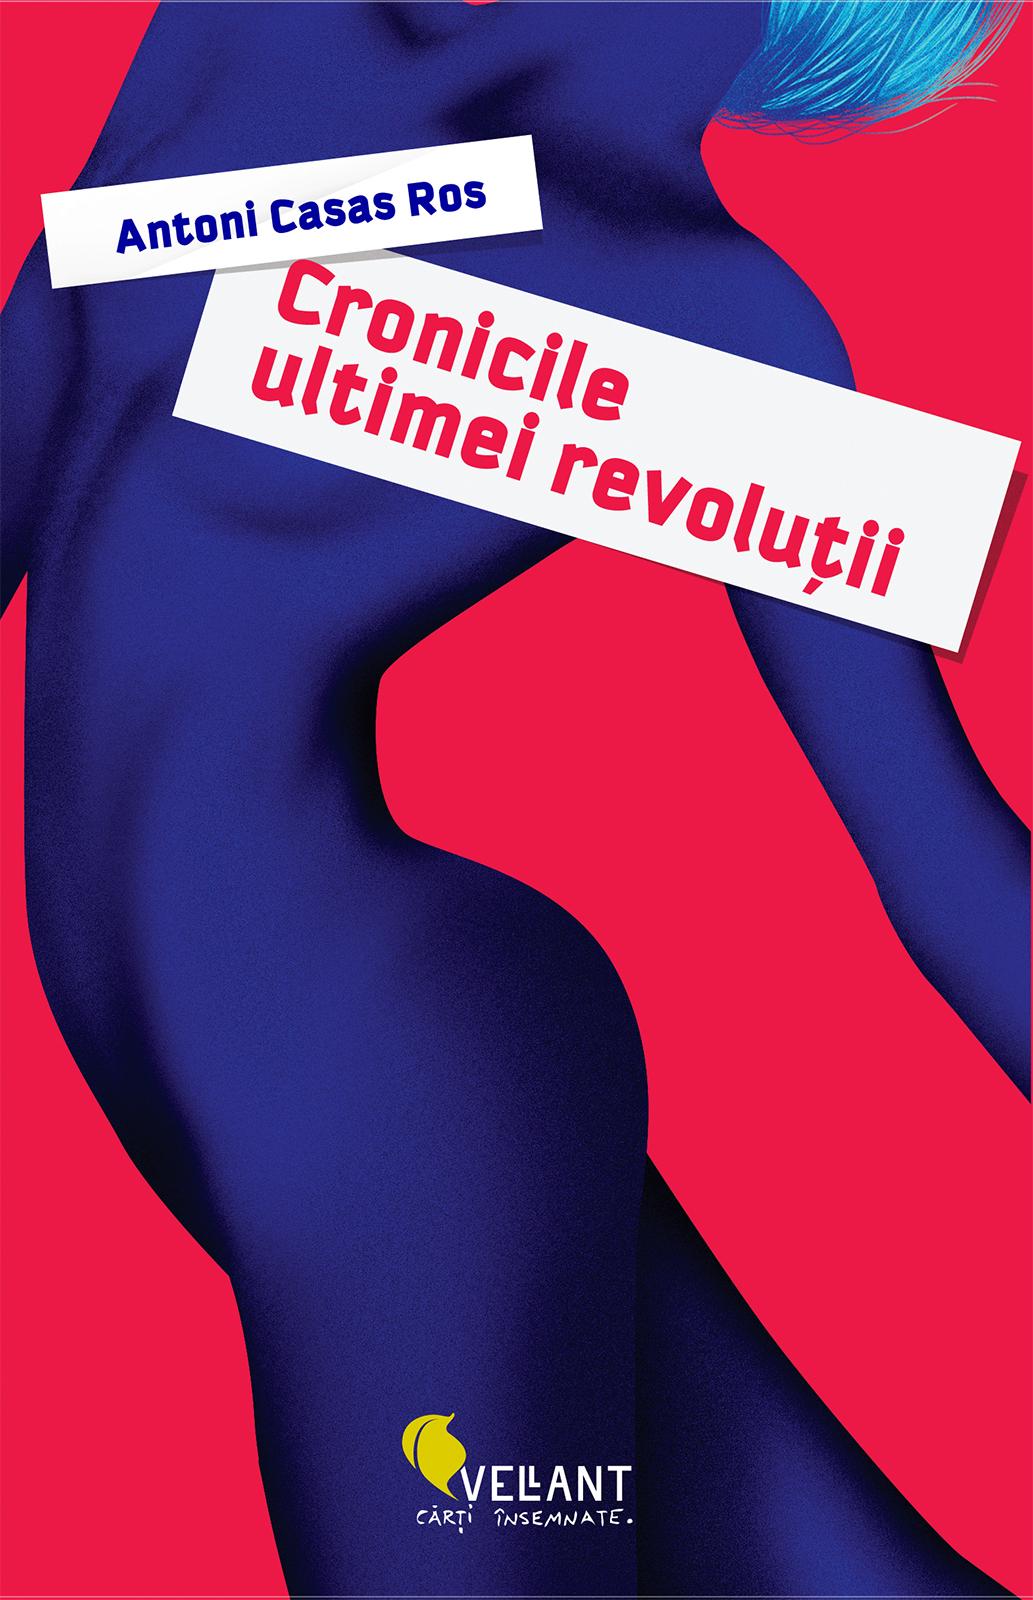 Cronicile ultimei revolutii